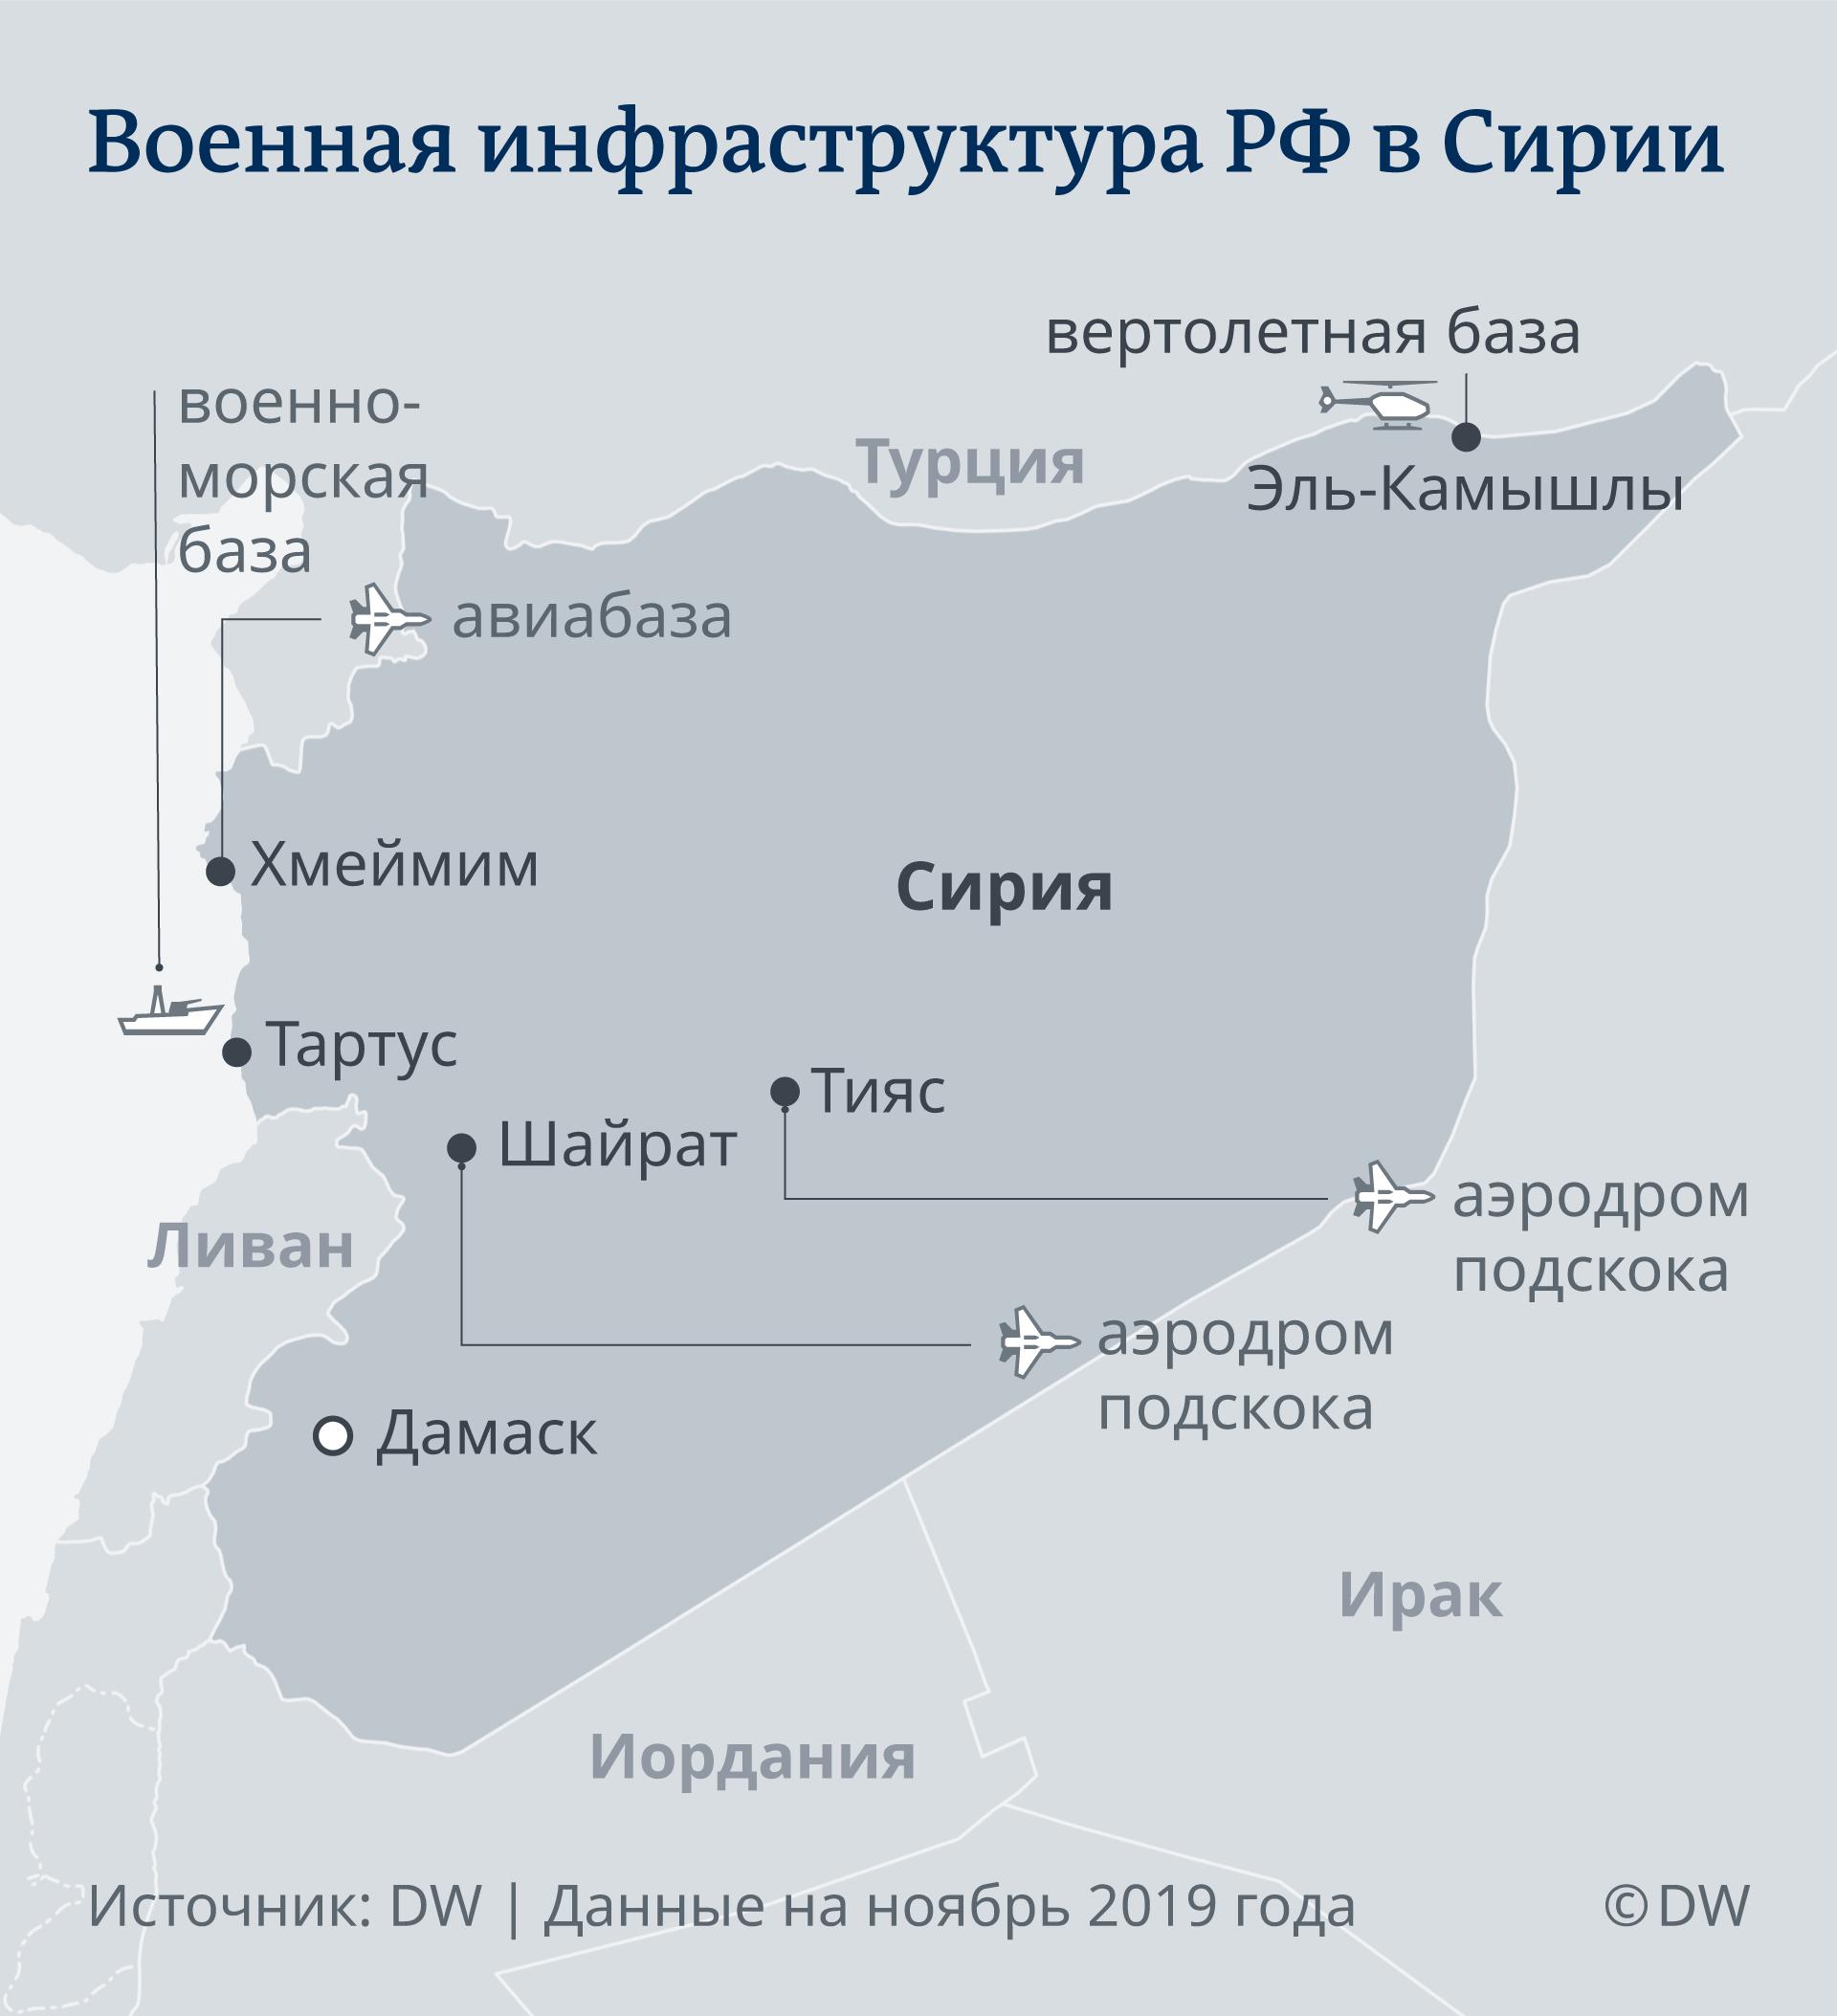 Российские военные базы в Сирии